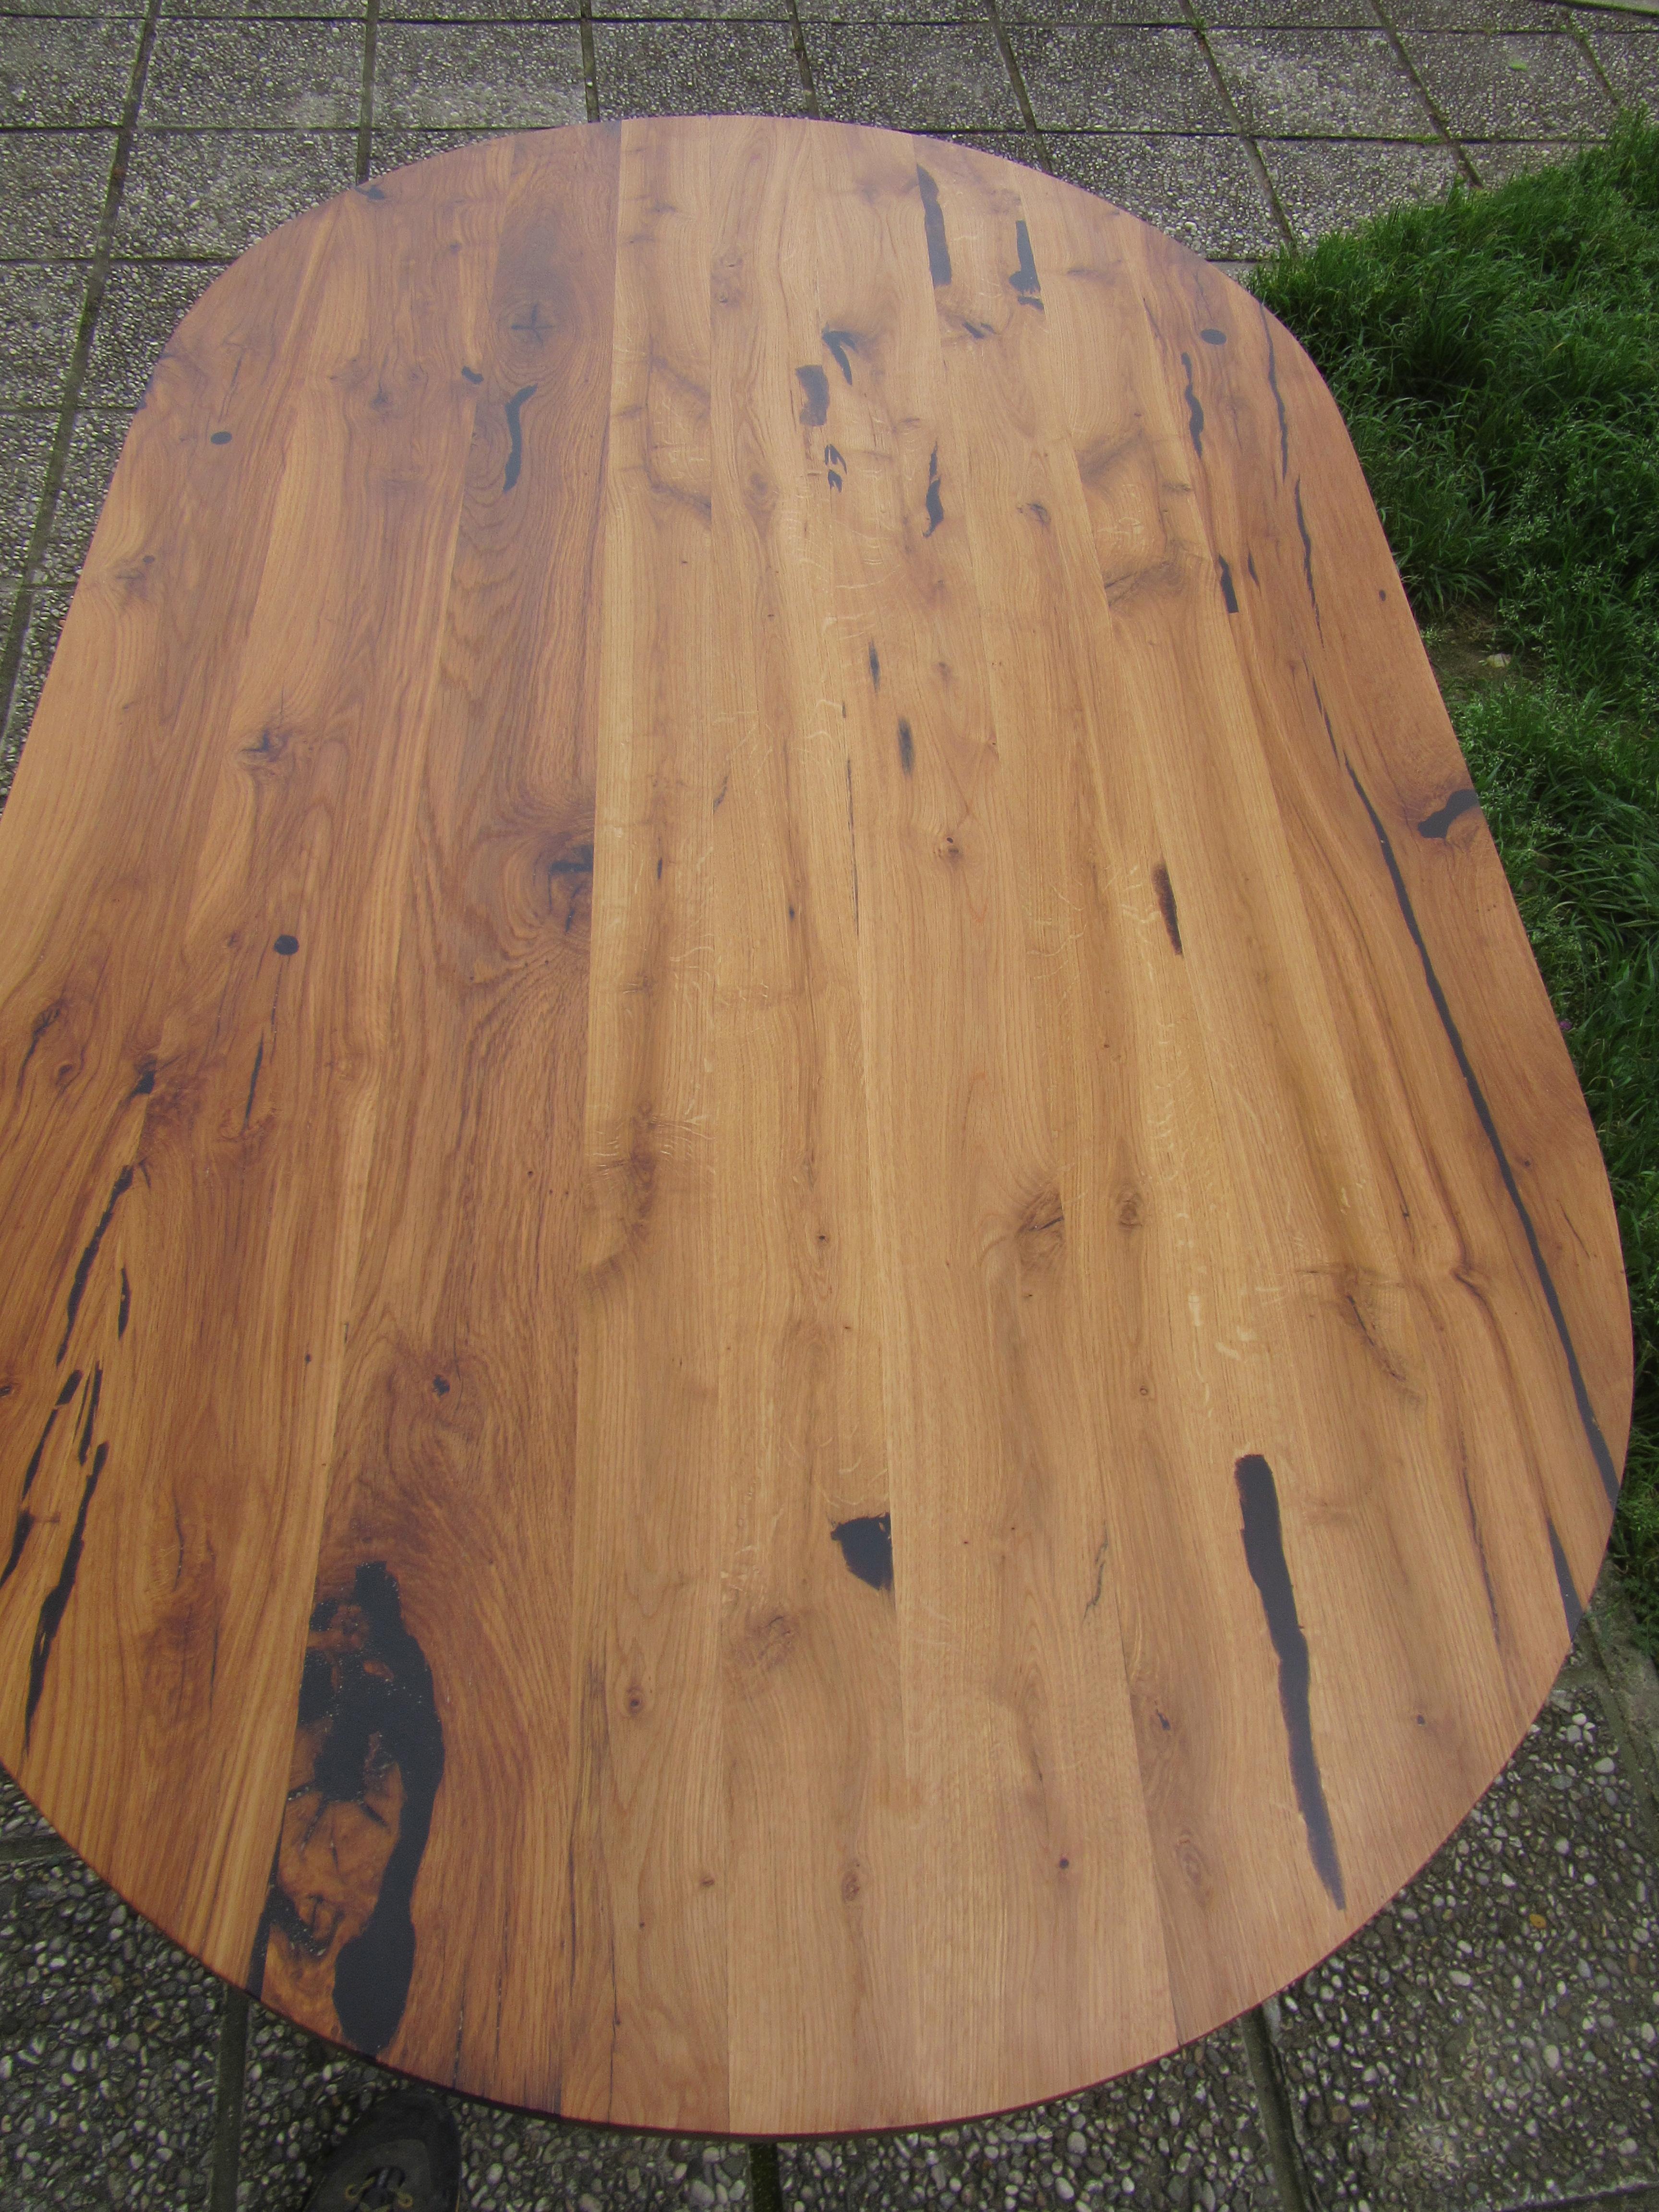 miza-stari hrast, železo